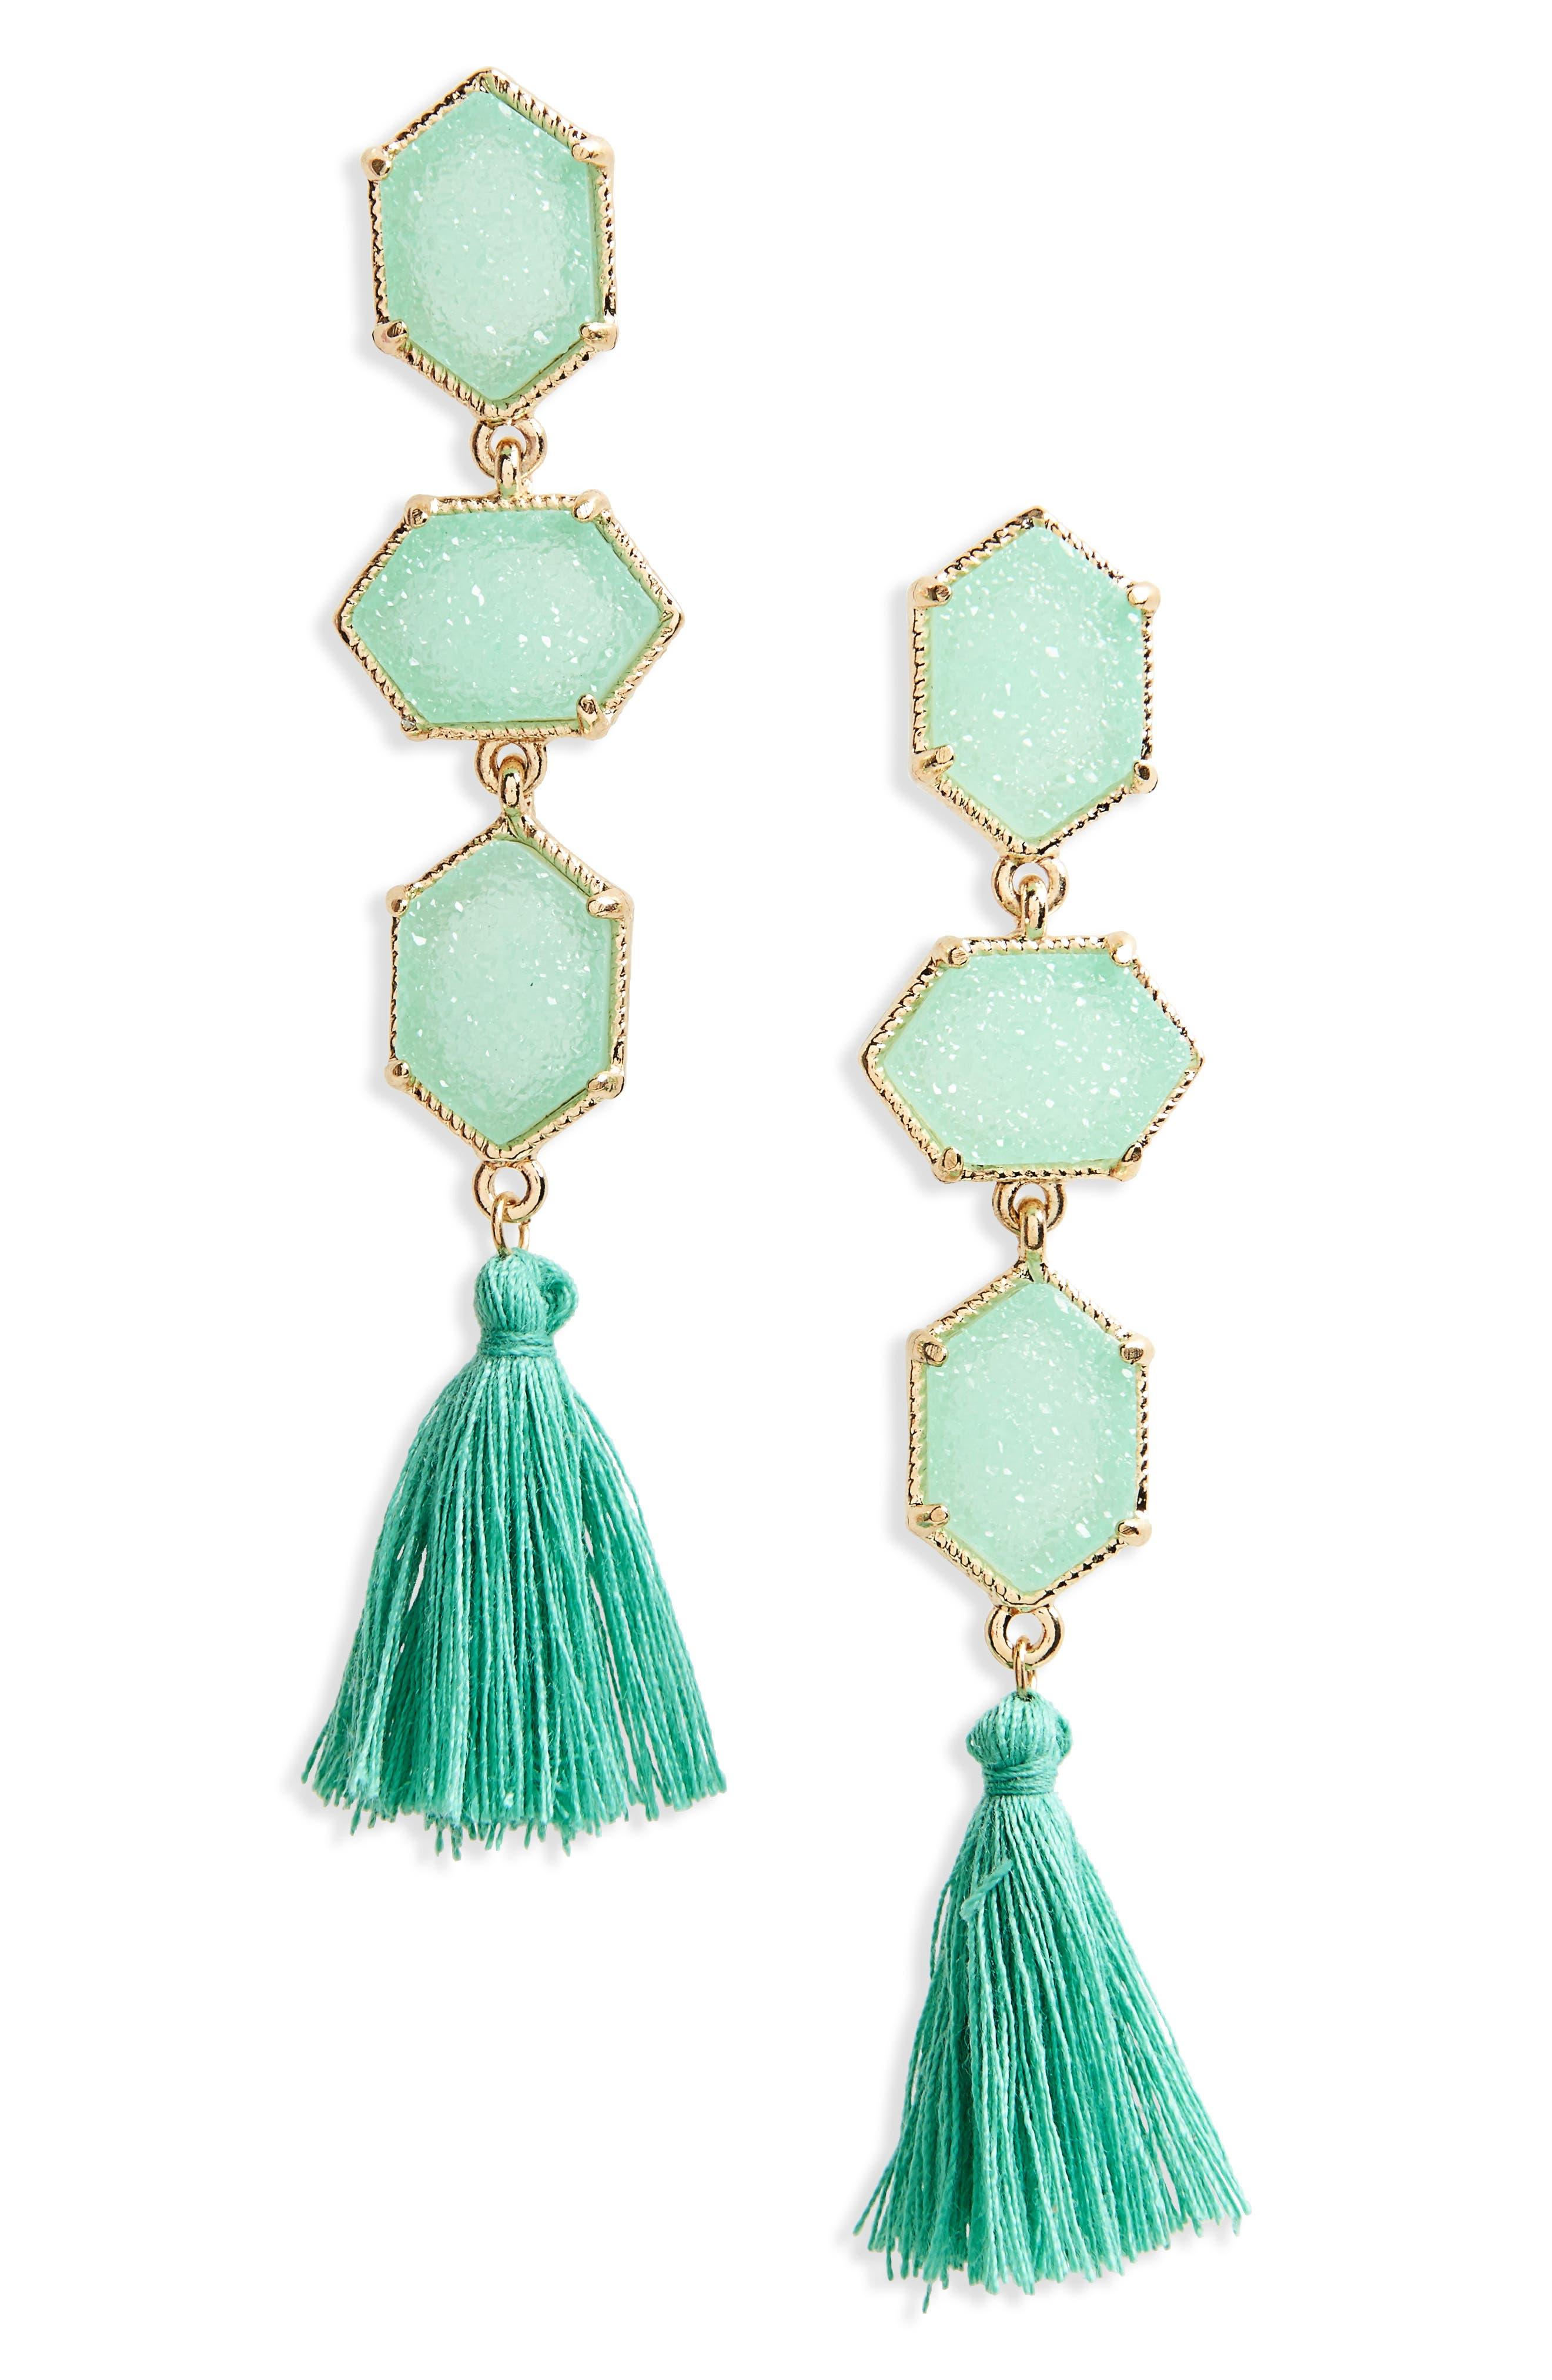 Faux Drusy Tassel Earrings,                         Main,                         color, Mint